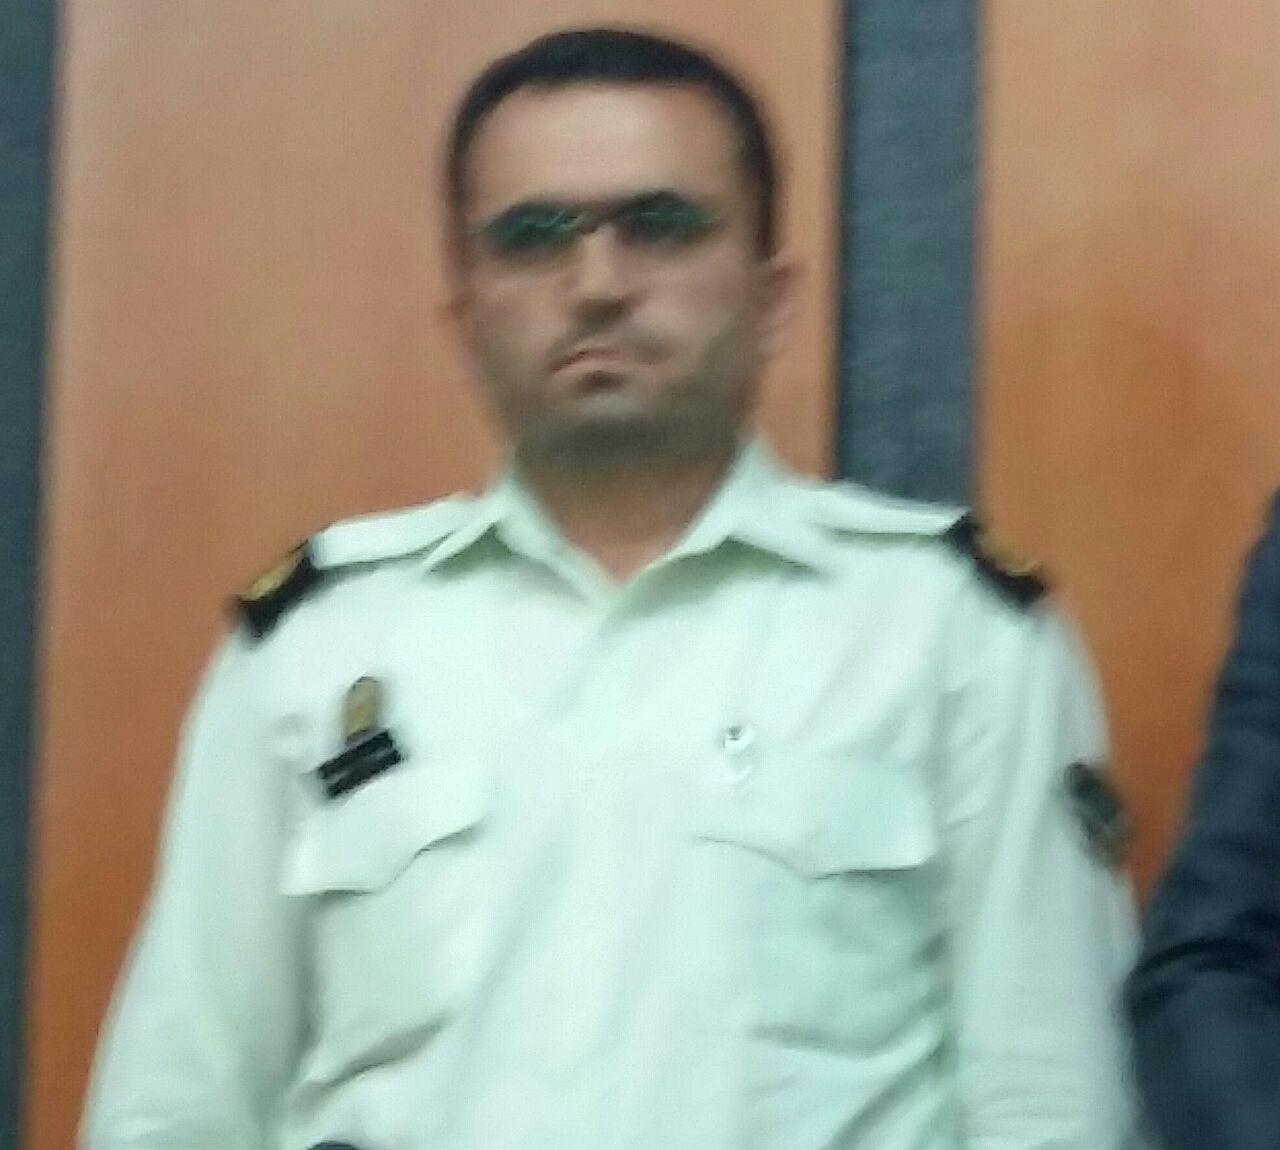 سرگرد عسکری موسوی به عنوان فرمانده جدید نیروی انتظامی بخش چهاردانگه معرفی شد